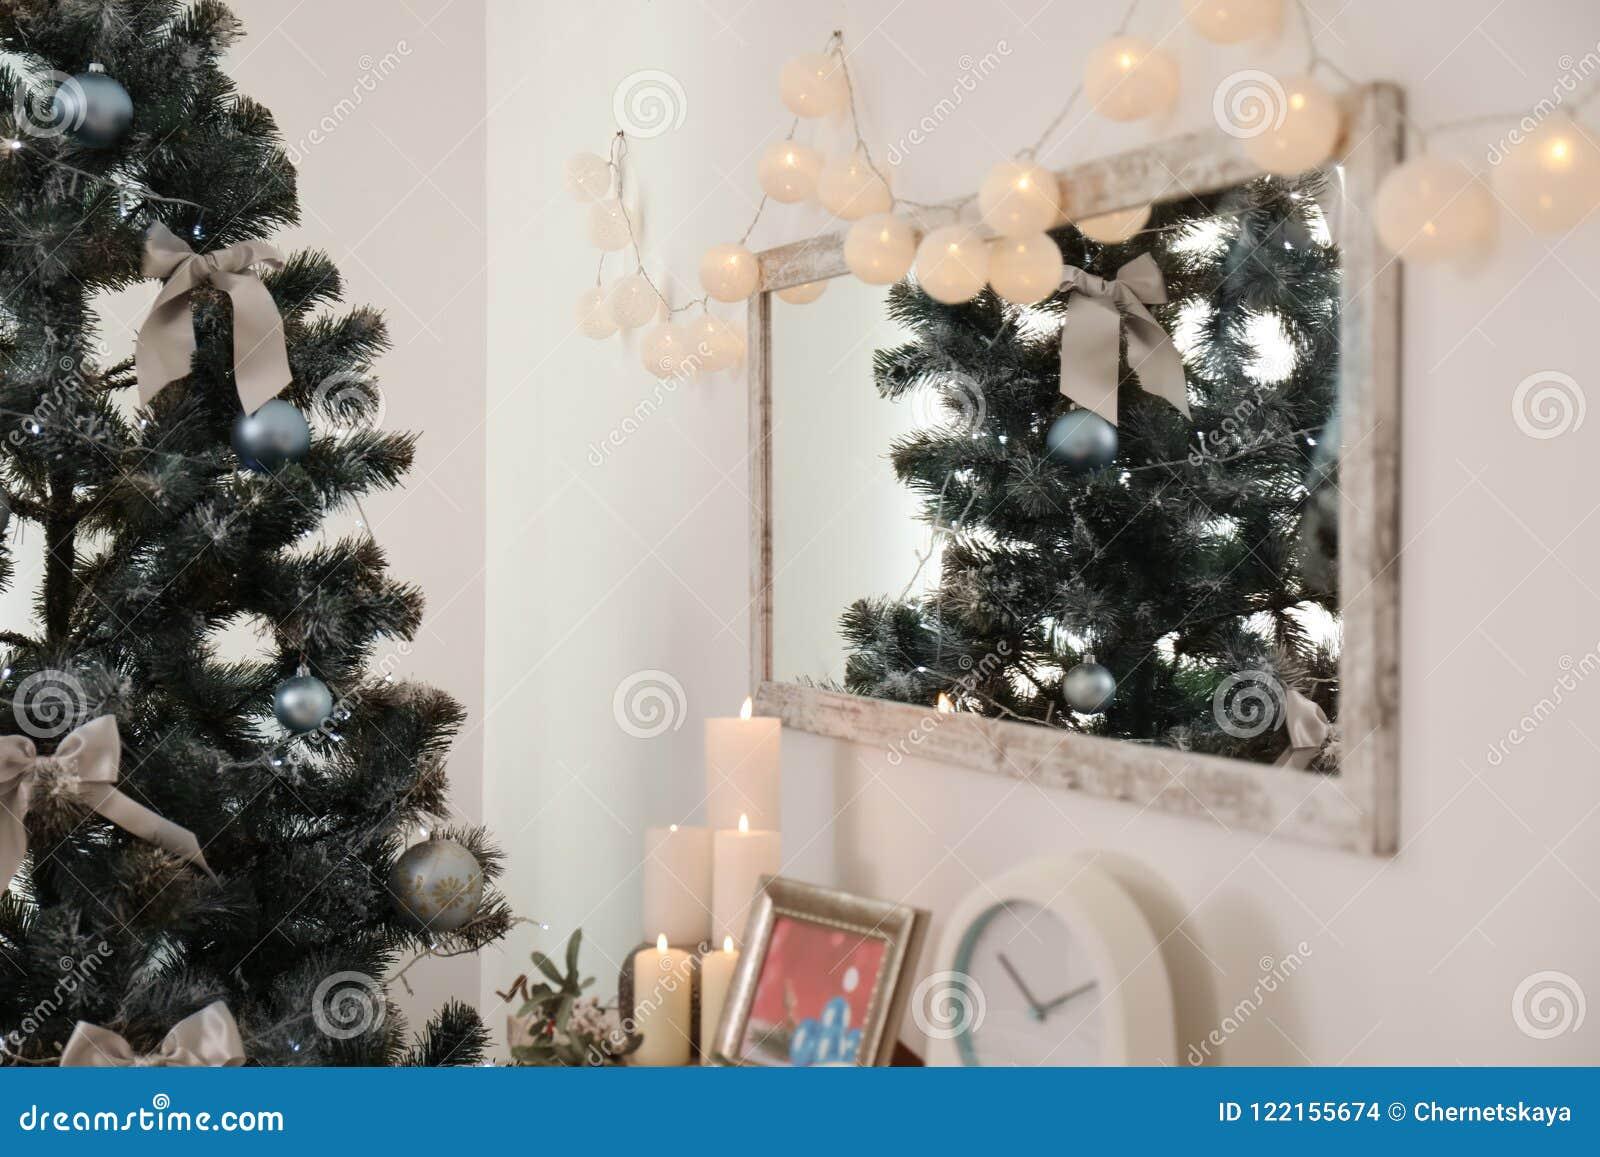 Sapin De Noel Sur Le Mur miroir avec des lumières de noël sur l'arbre de mur et de